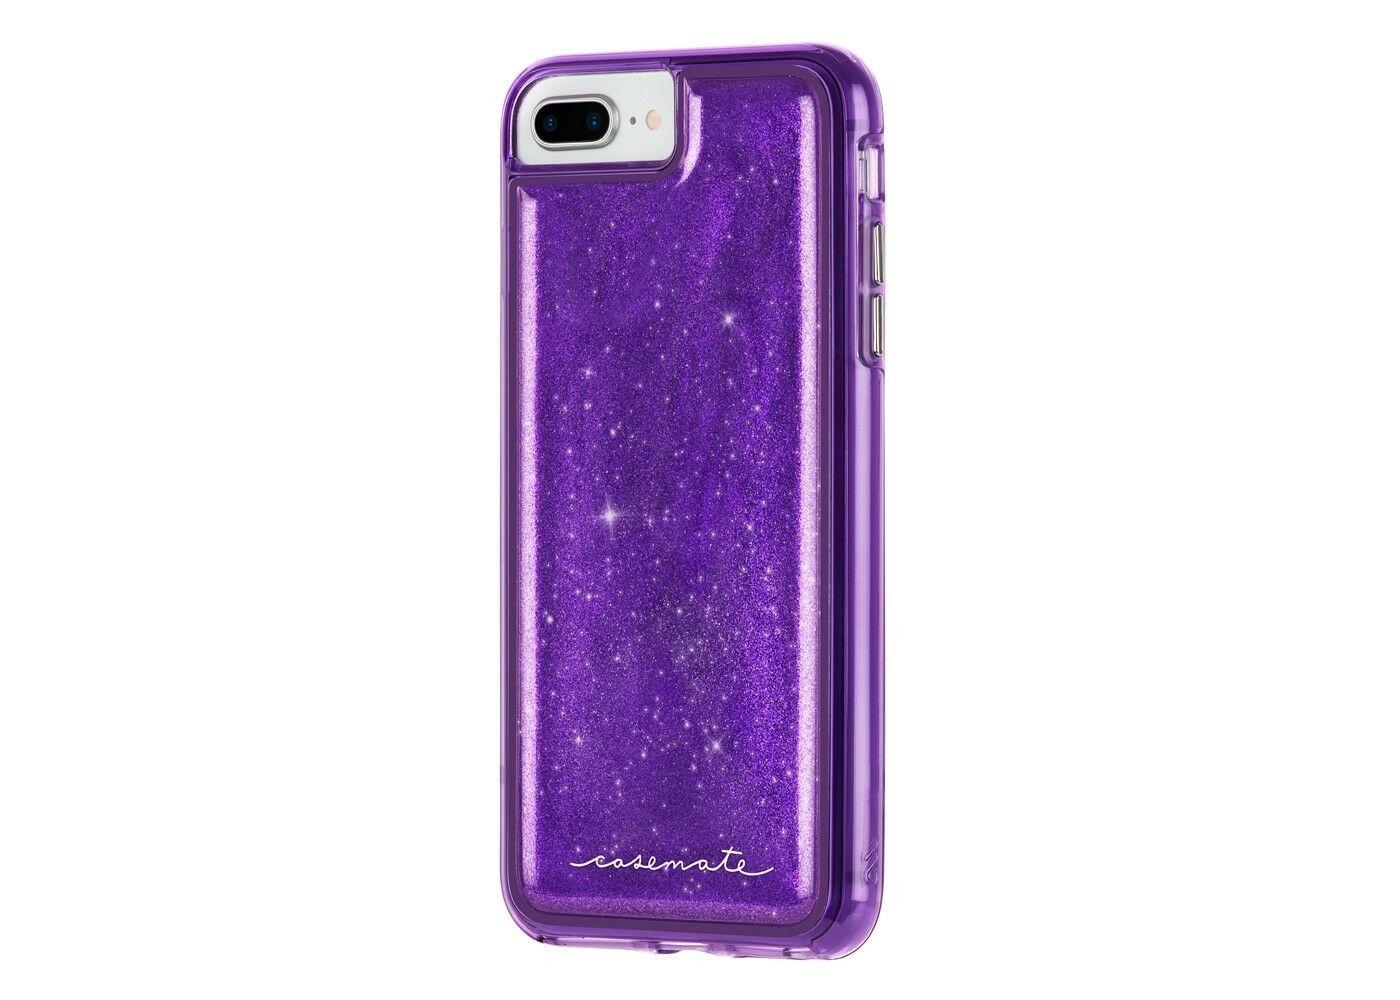 Case-Mate Apple iPhone 8 Plus/7 Plus/6s Plus/6 Plus Squish Case